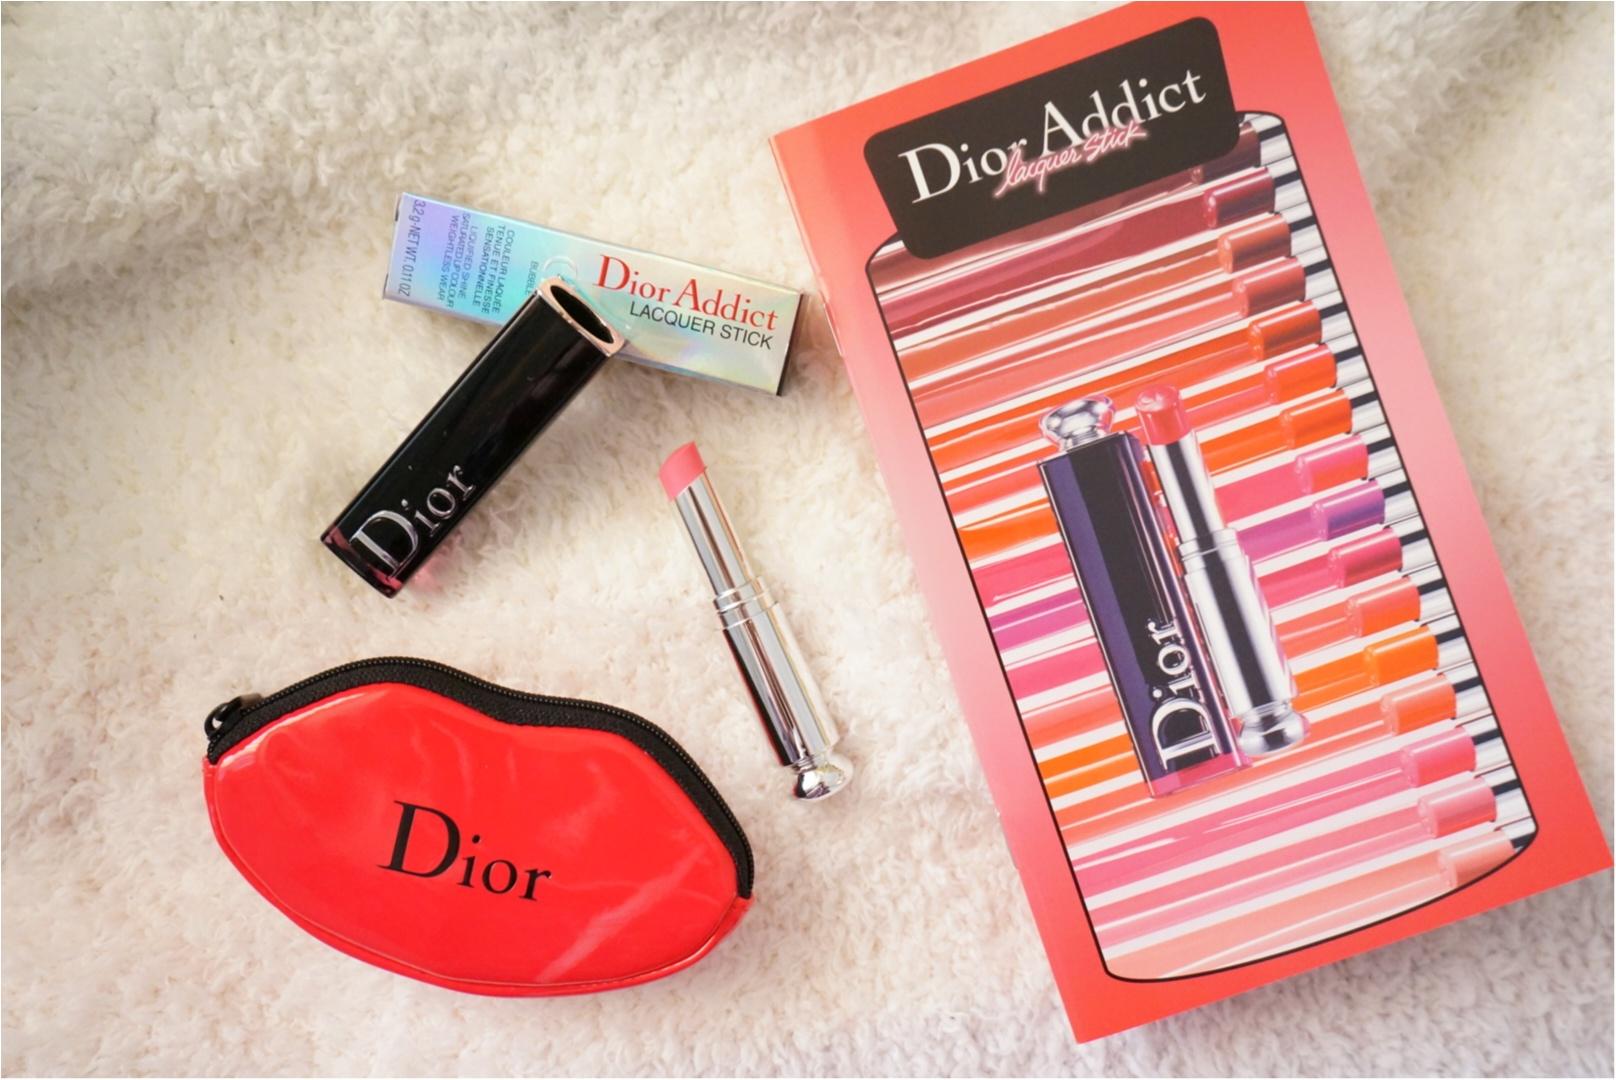 《フォンダンリップ》って何??【Dior ADDICT】から新リップ・ラッカースティックが登場❤️_6